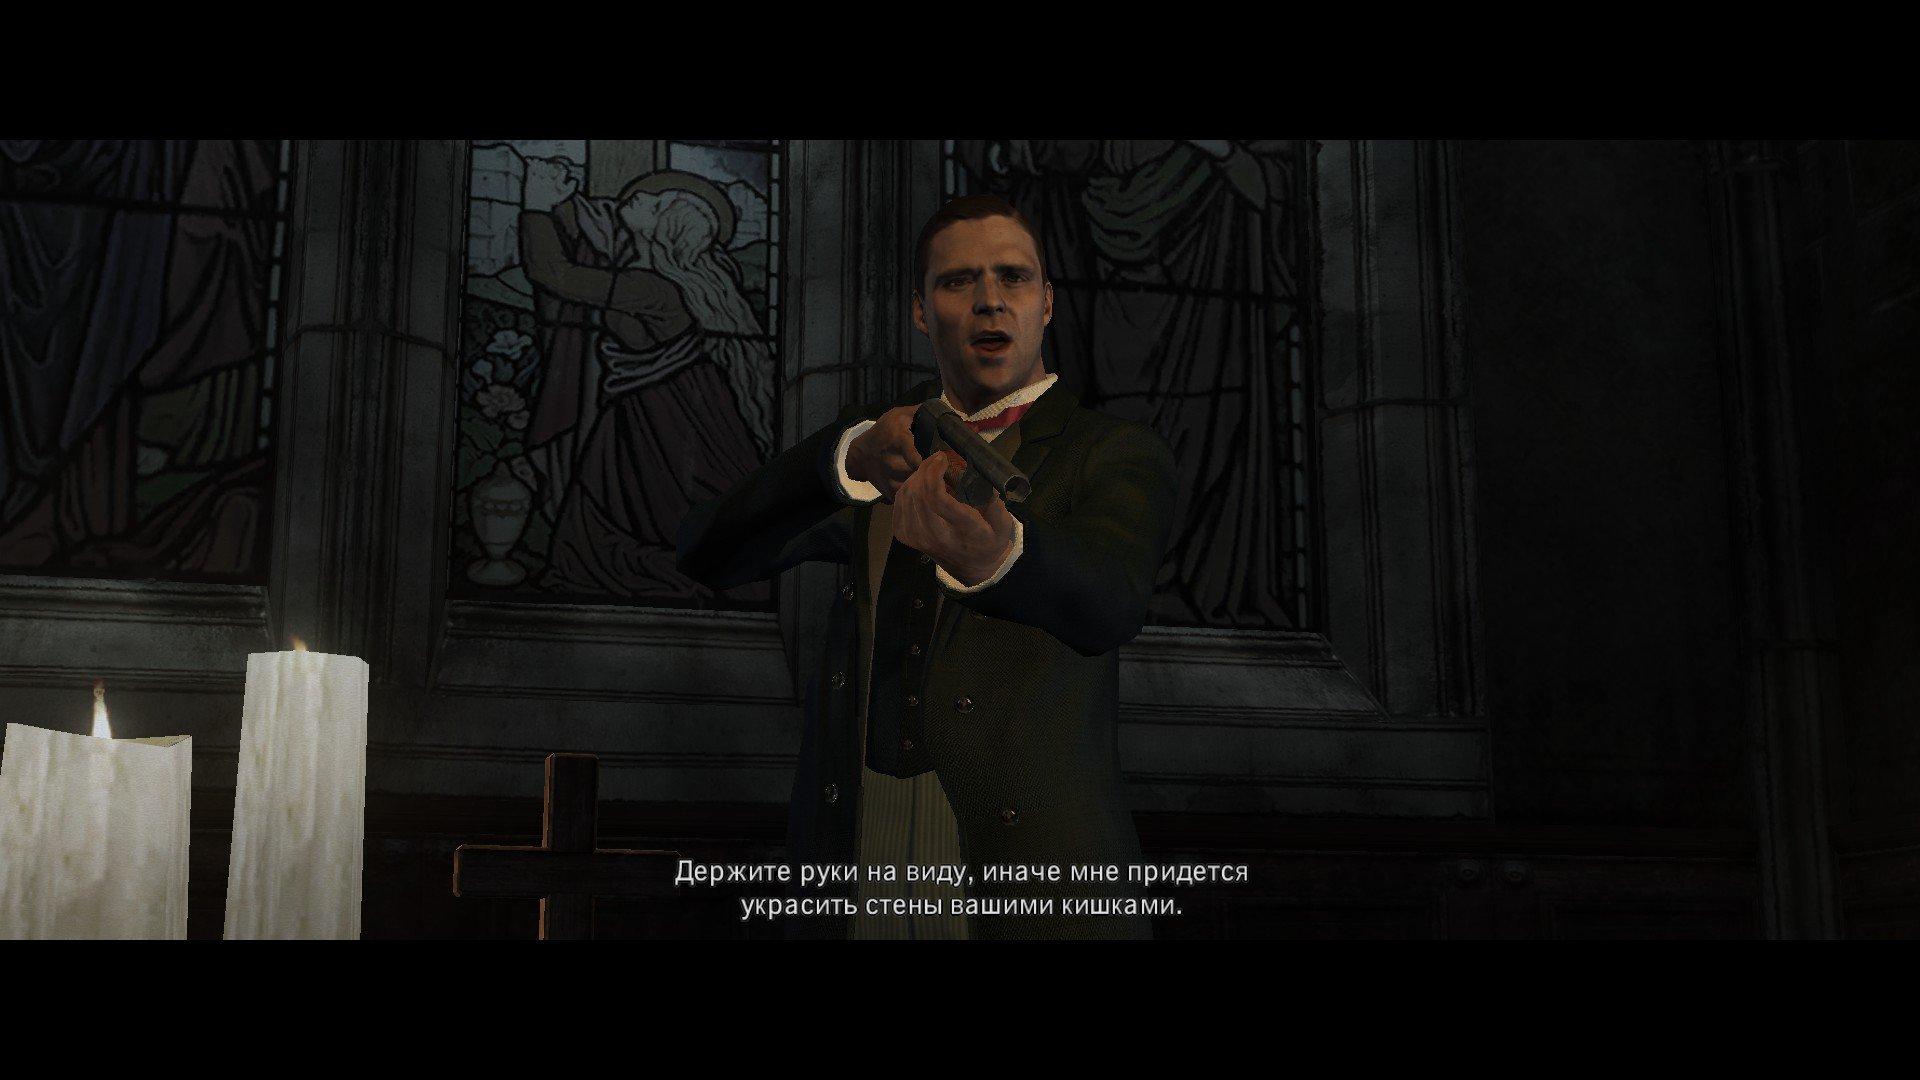 Пост-прохождение L.A. Noire Часть 13 - Изображение 52